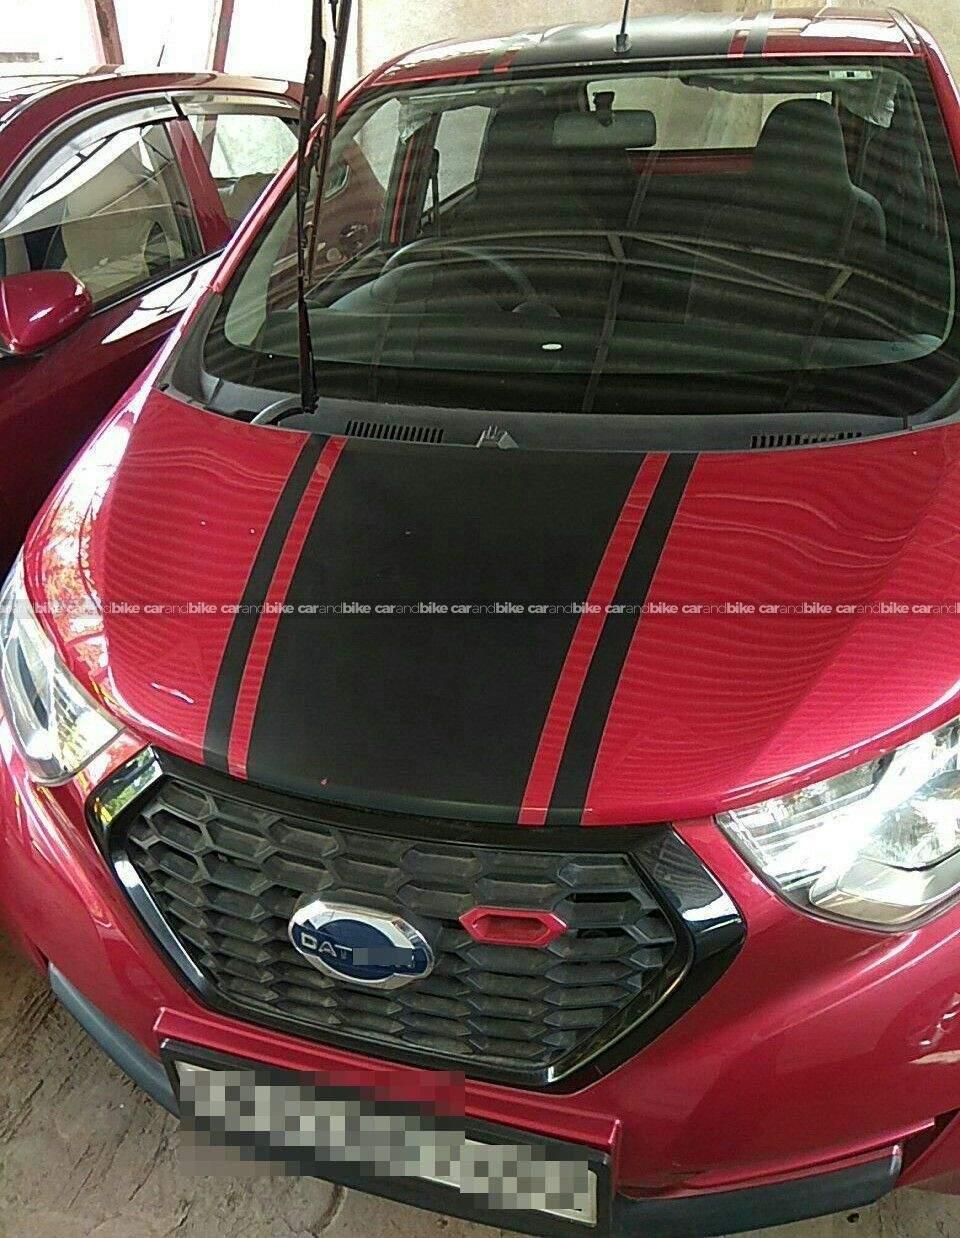 Datsun Redi Go T Front View